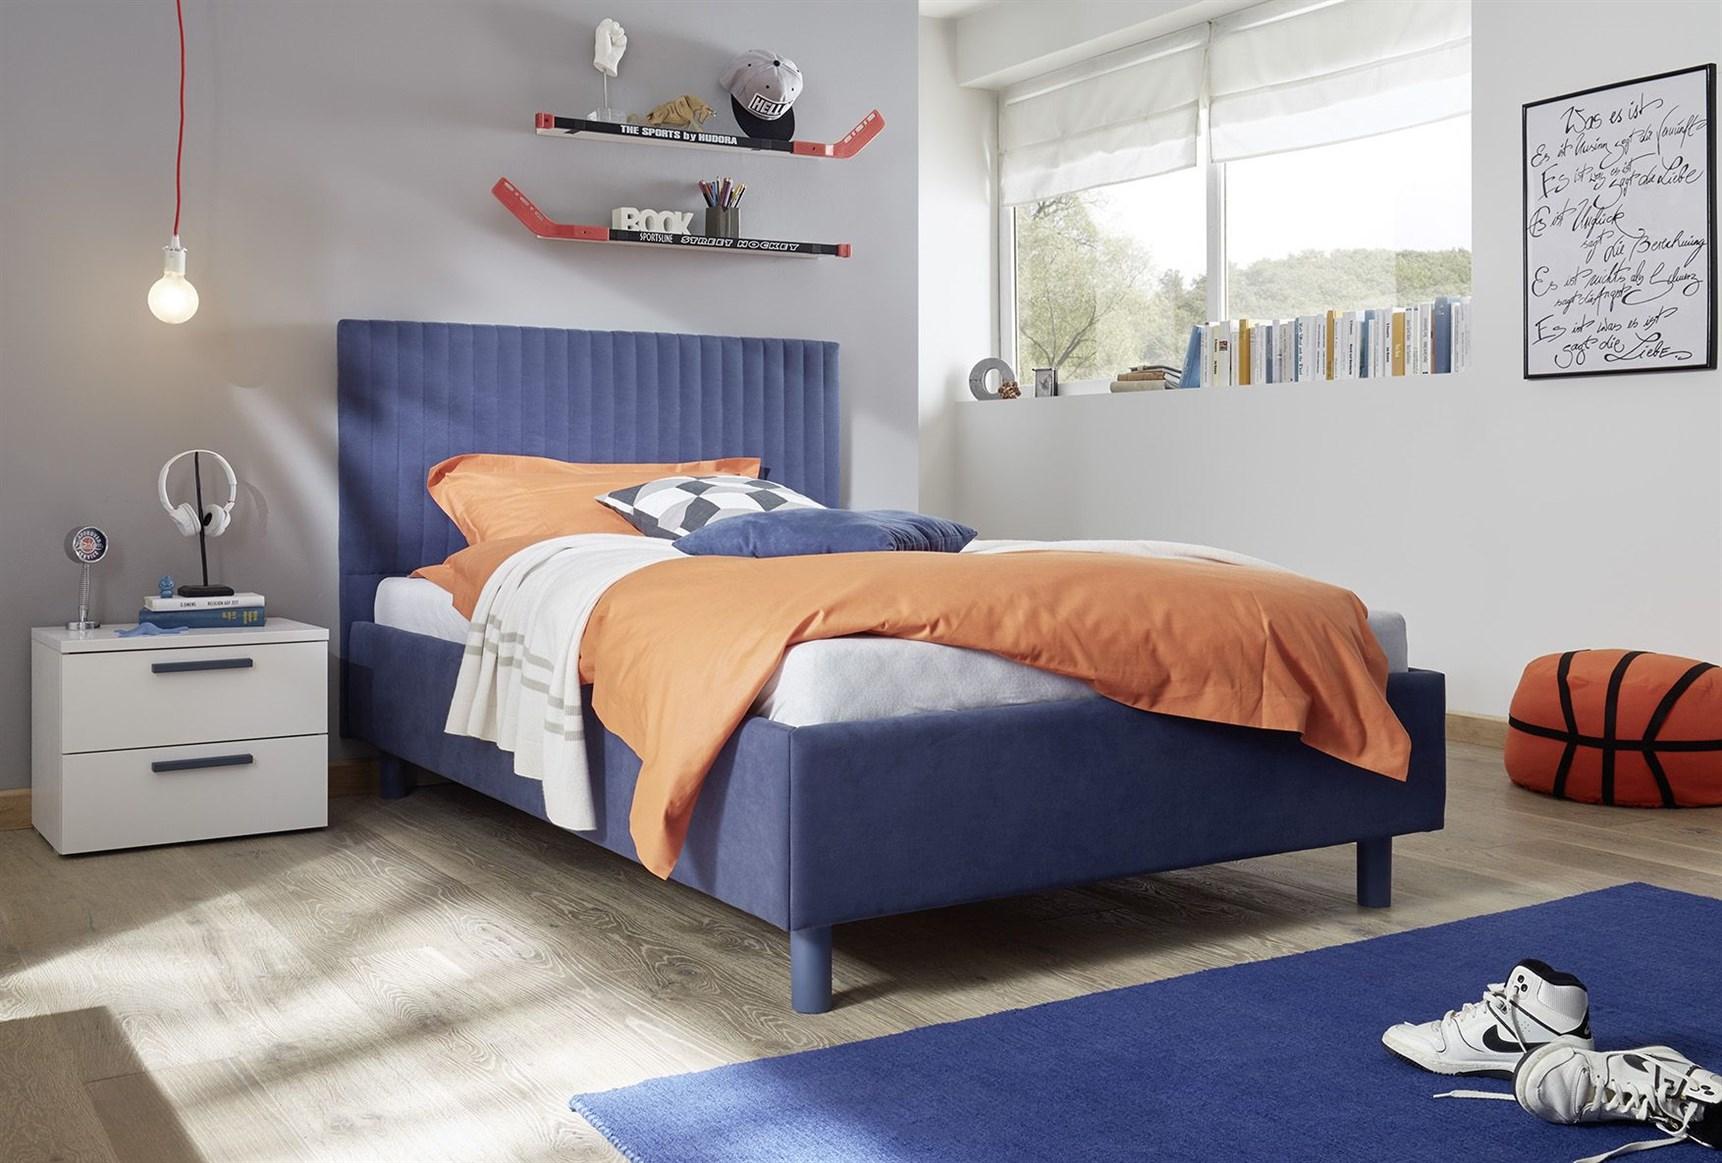 Enjoy Milieu 4 Blau Bett Einzel